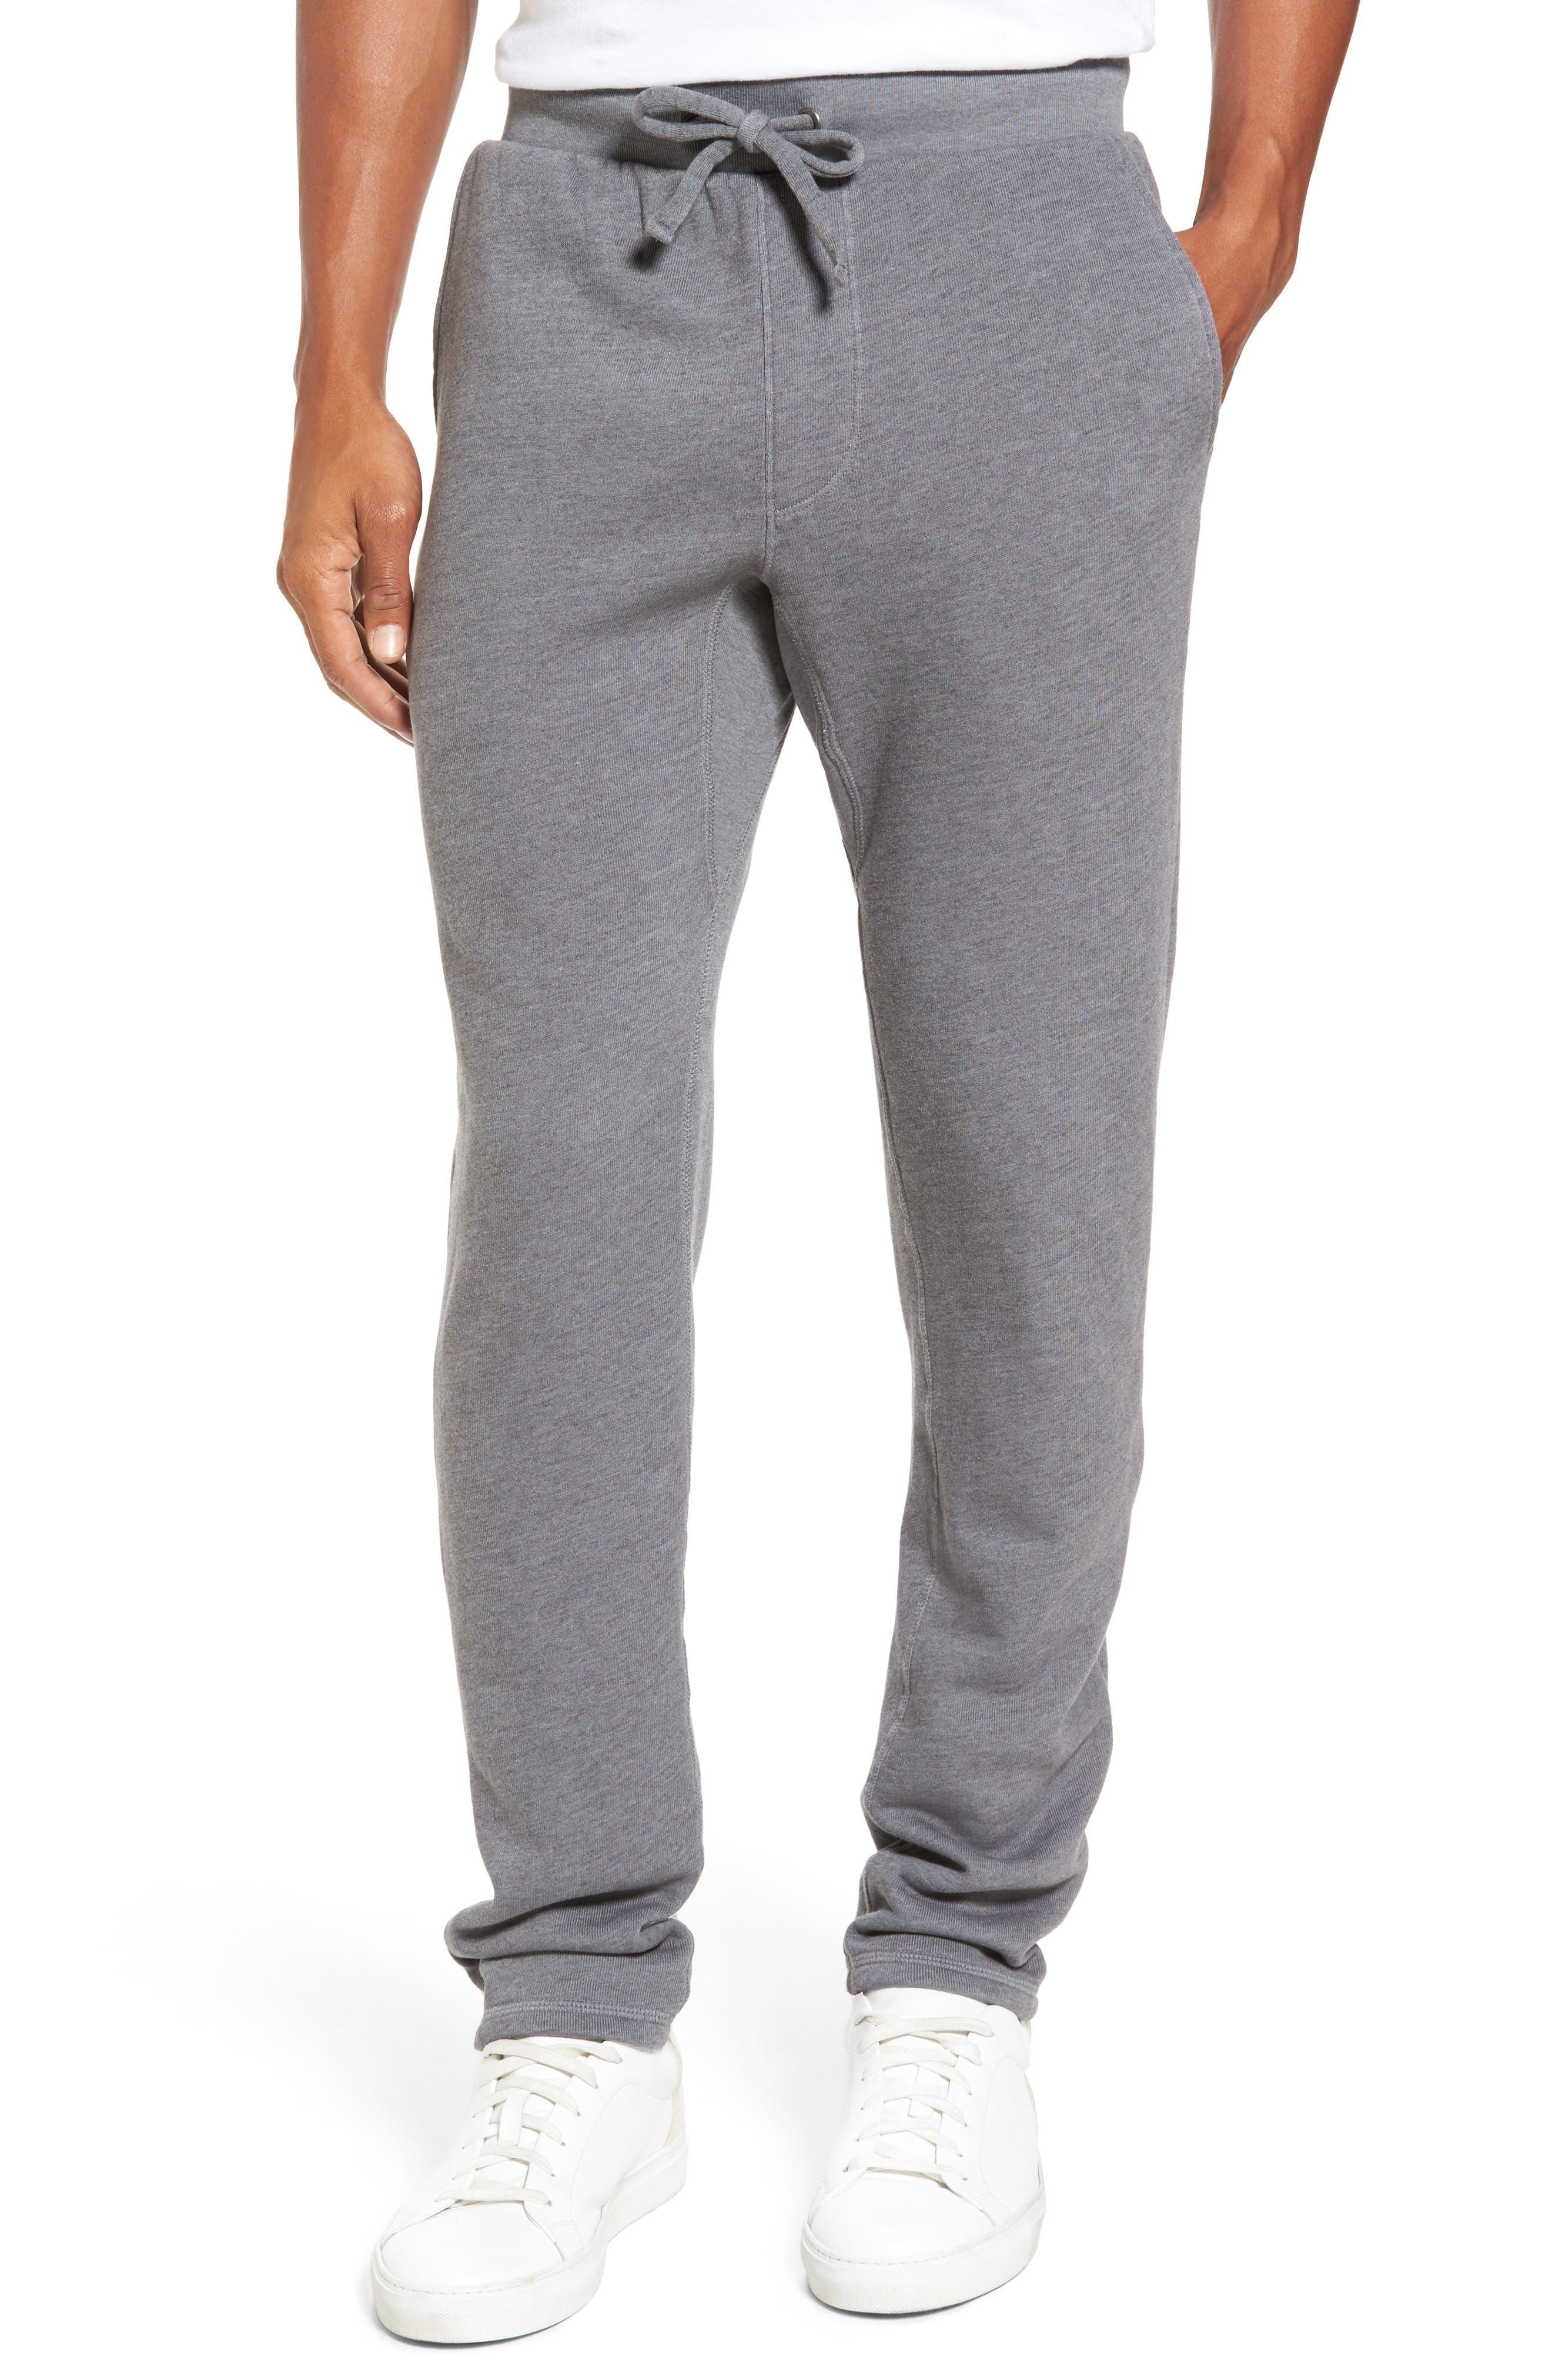 Goodlife Slim Fit Sweatpants